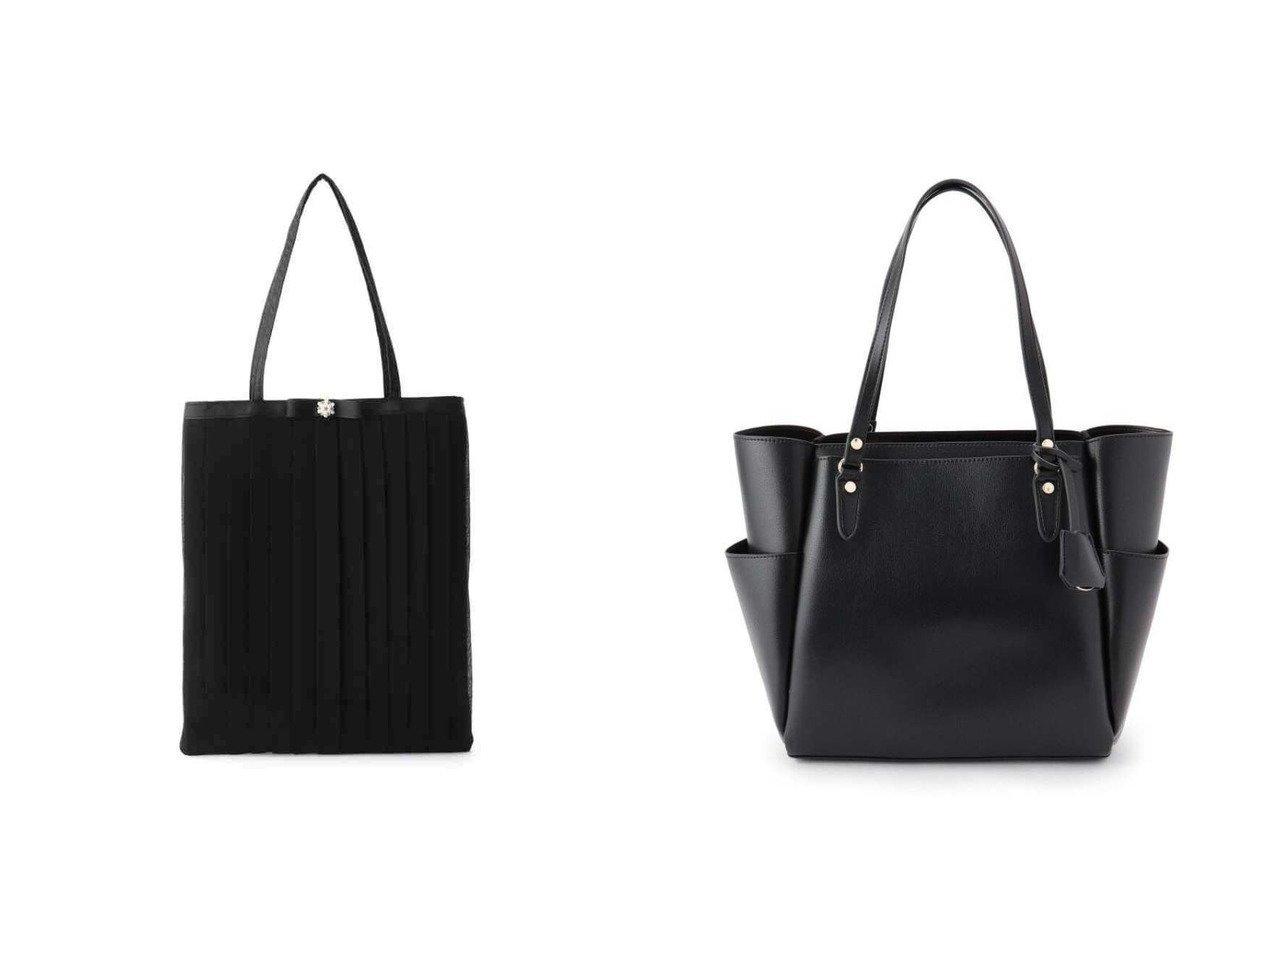 【SHOO LA RUE/シューラルー】の【ママスーツ/入卒/通勤/A4サイズ対応】多収納トート&【UNTITLED/アンタイトル】のオケージョンサブバッグ バッグ・鞄のおすすめ!人気、トレンド・レディースファッションの通販  おすすめで人気の流行・トレンド、ファッションの通販商品 メンズファッション・キッズファッション・インテリア・家具・レディースファッション・服の通販 founy(ファニー) https://founy.com/ ファッション Fashion レディースファッション WOMEN バッグ Bag スーツ Suits トートバッグ Tote Bags NEW・新作・新着・新入荷 New Arrivals トリミング フォーマル レース ウォーター シンプル スーツ フェイクレザー ポケット メタル 軽量 |ID:crp329100000009924